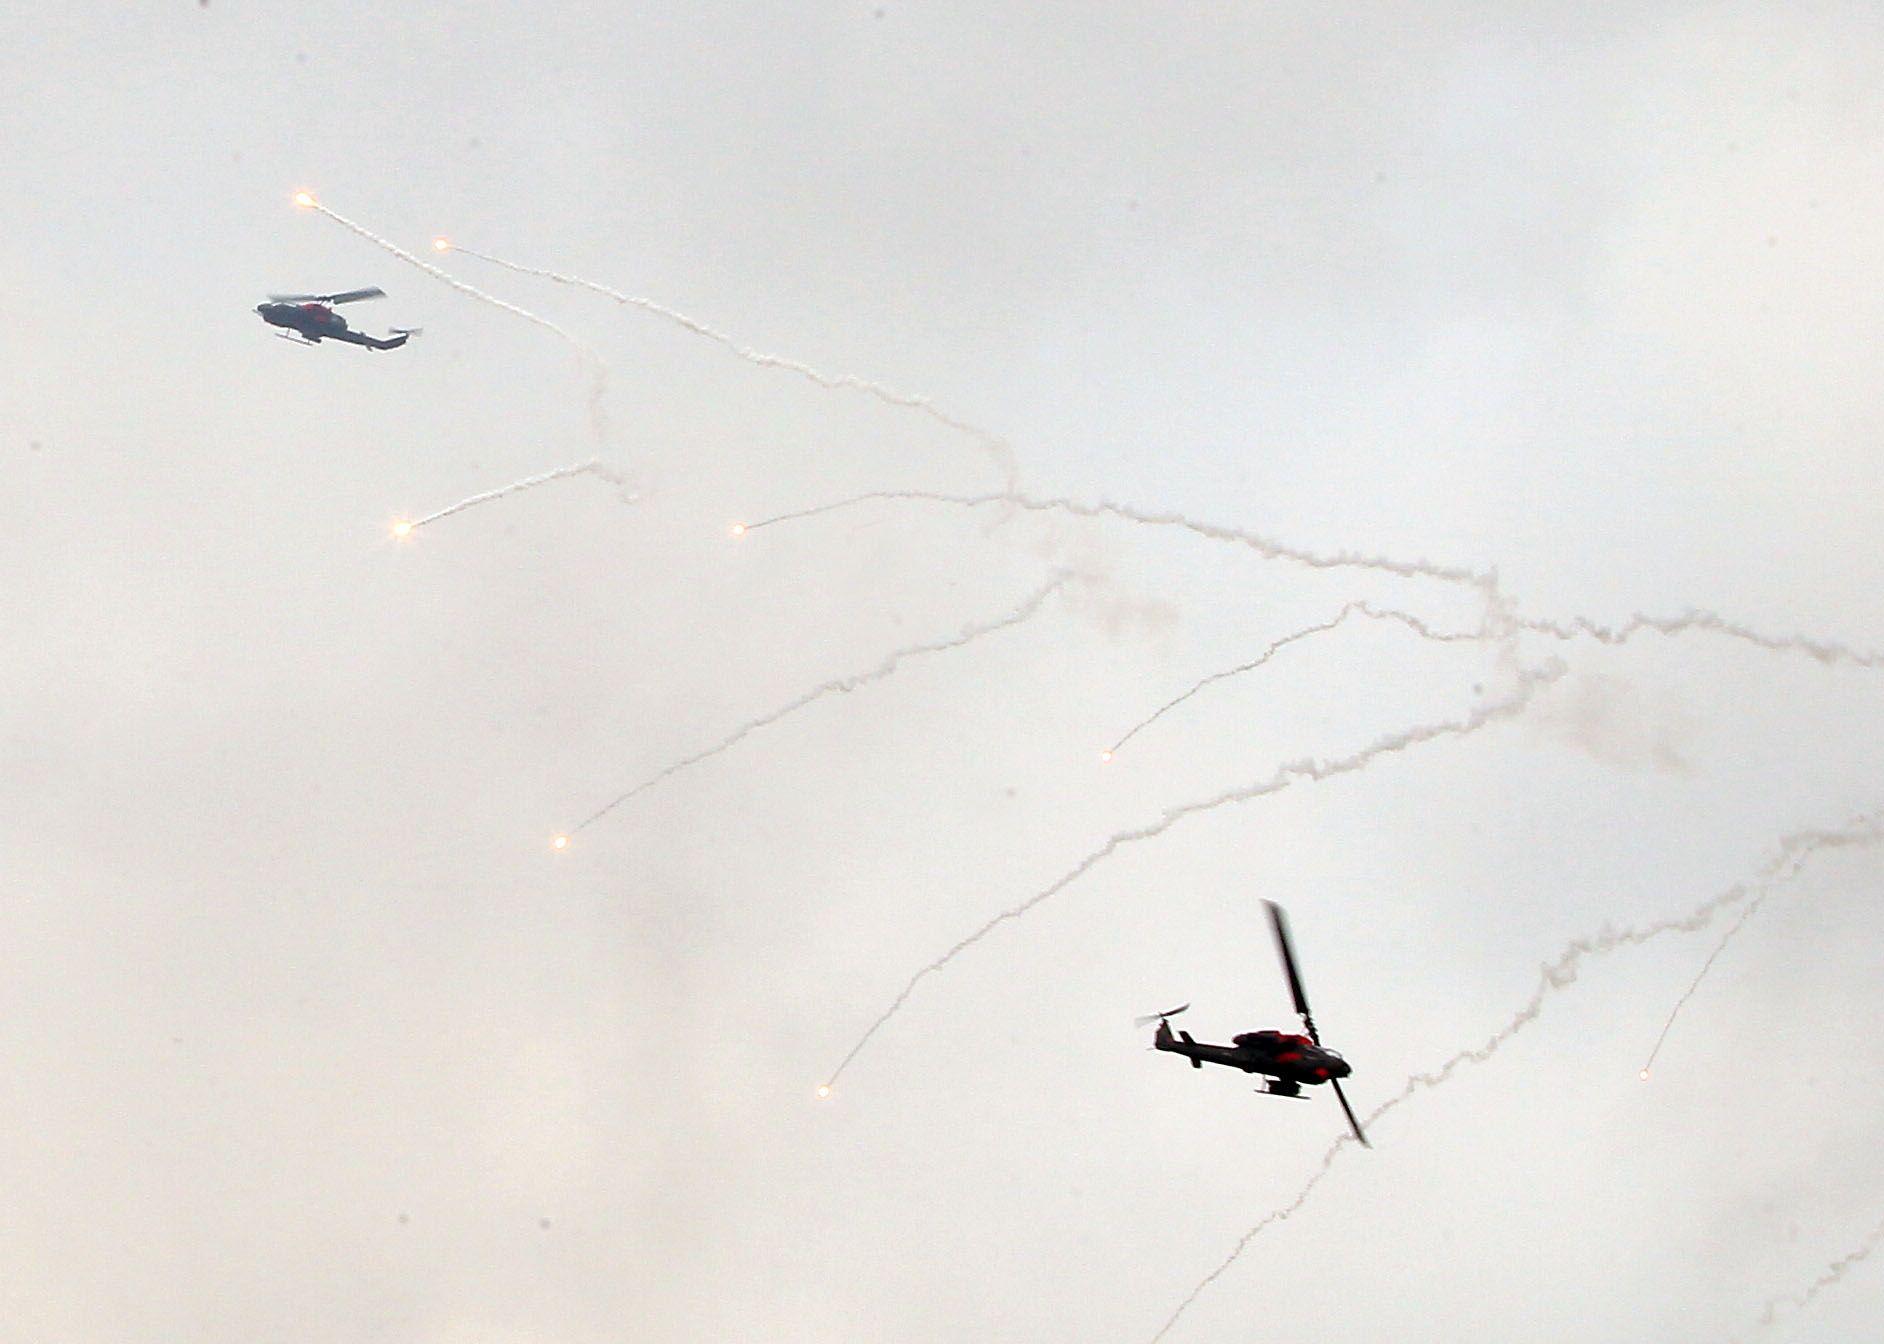 漢光34演習反空降AH-1W 眼鏡蛇攻擊直升機實施戰場掃蕩。(記者邱榮吉/清泉崗拍攝)